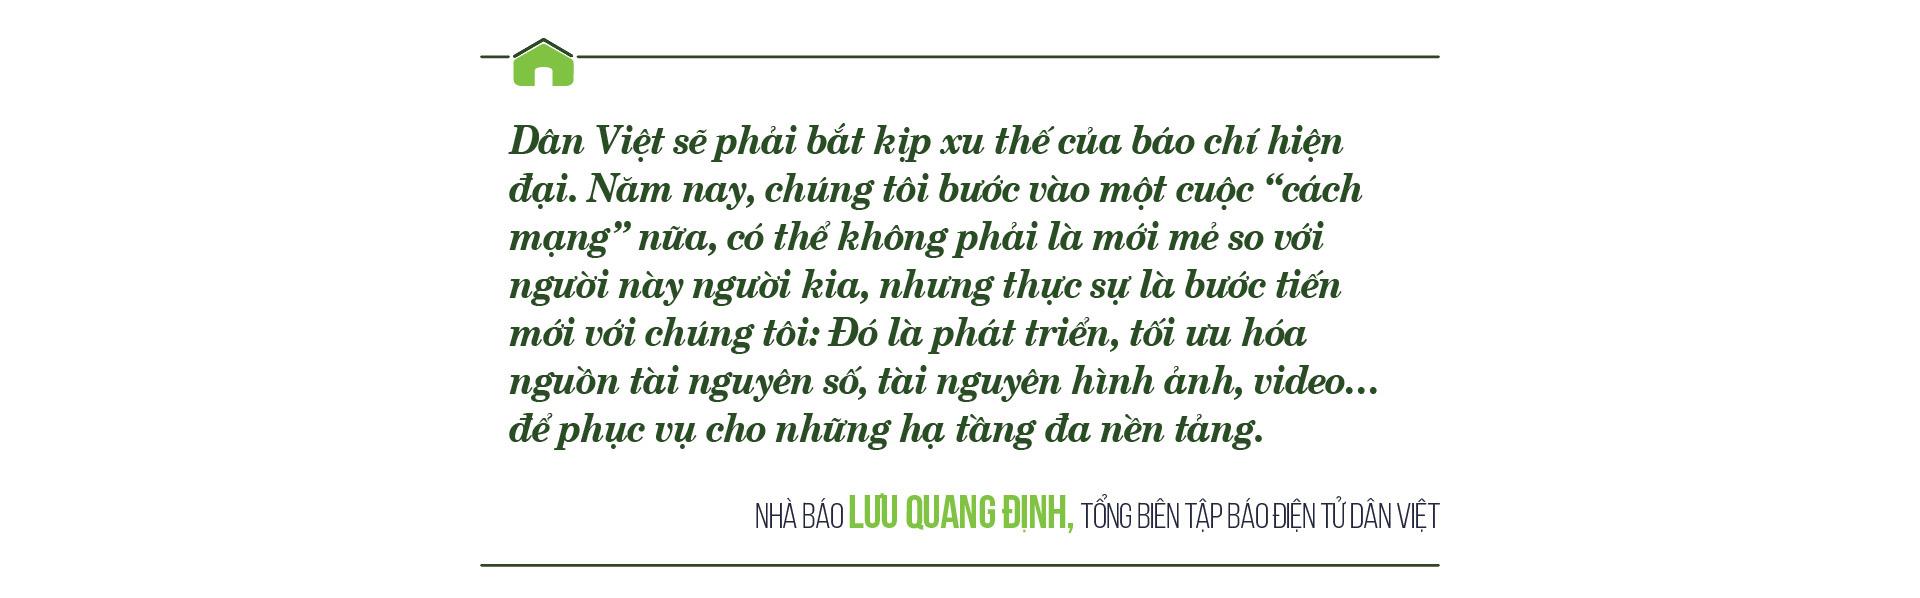 Nếu không có bản sắc, Dân Việt sẽ chỉ là con số 0 - Ảnh 19.